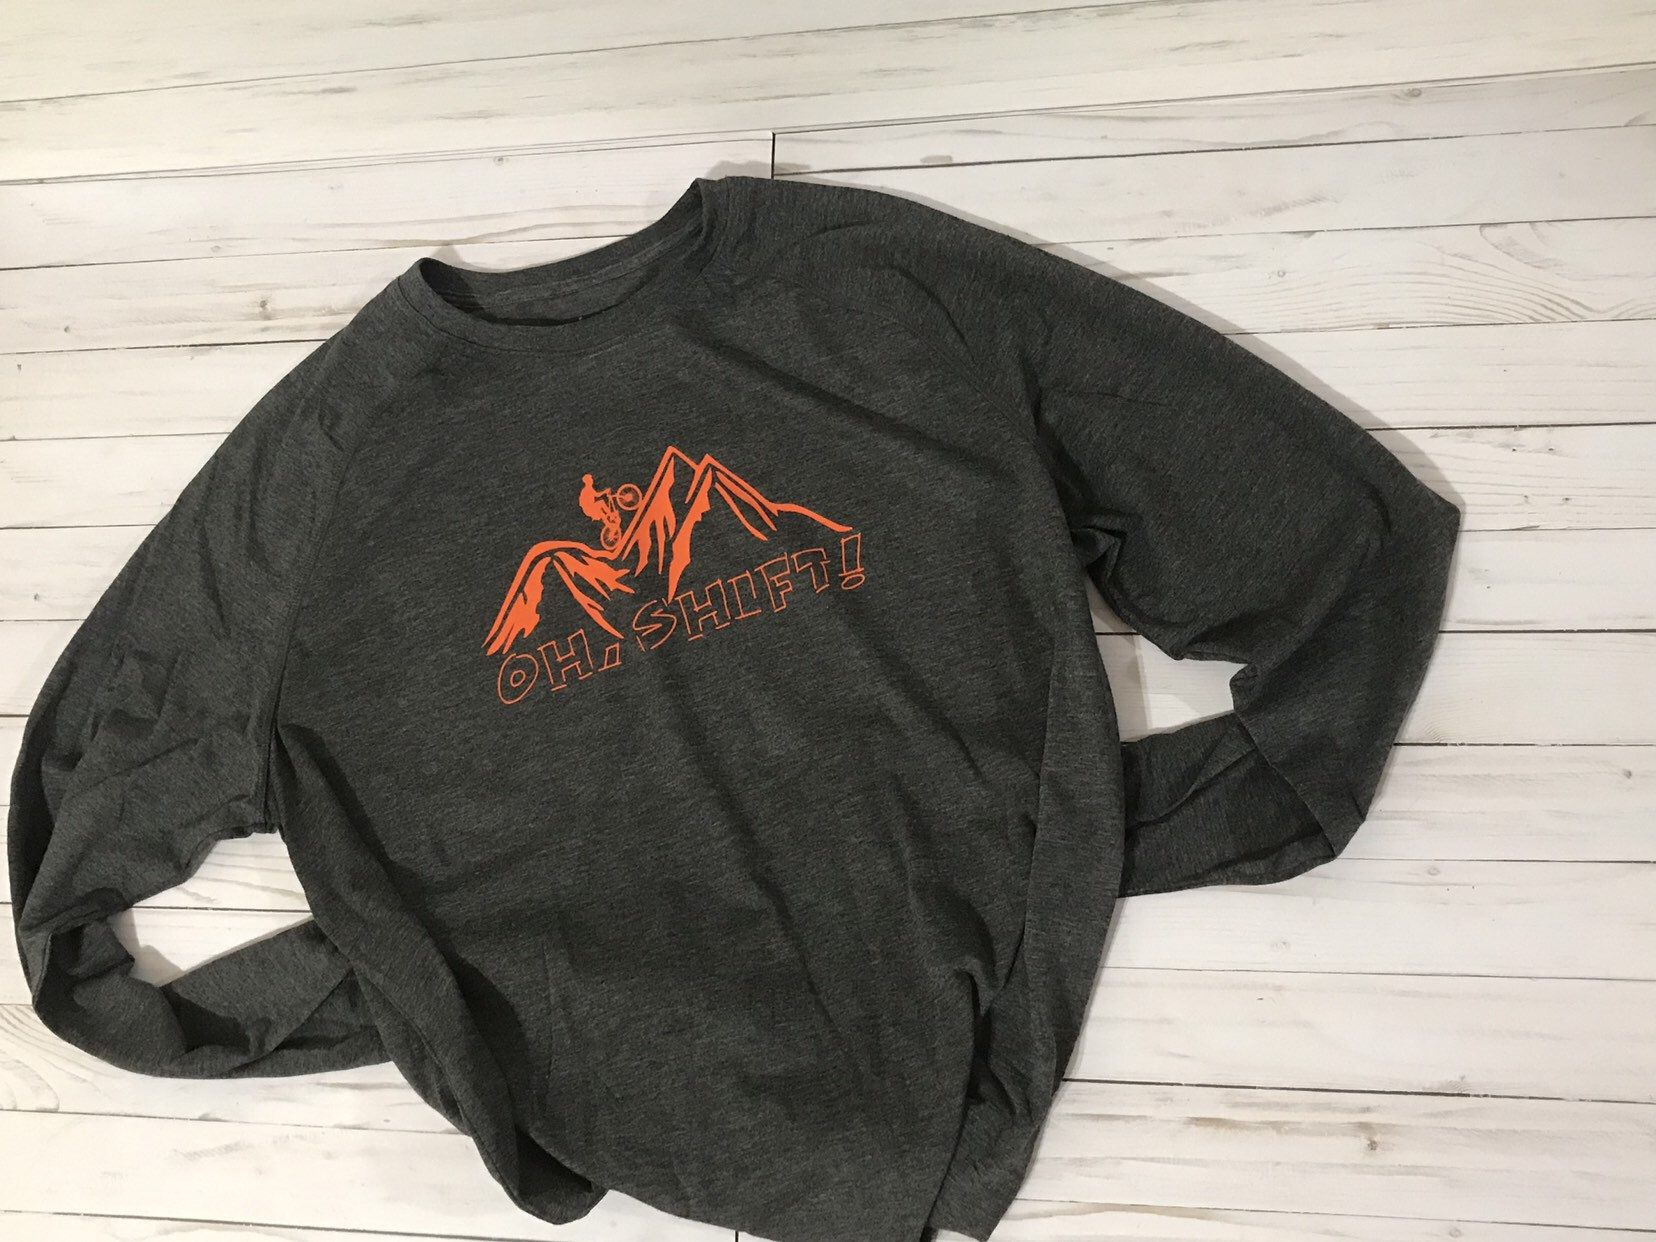 204c653c $19.99 with FREE SHIPPING Mountain Bike Shirt, Bike Shirt, Mountain Biking,  Shift Shirt